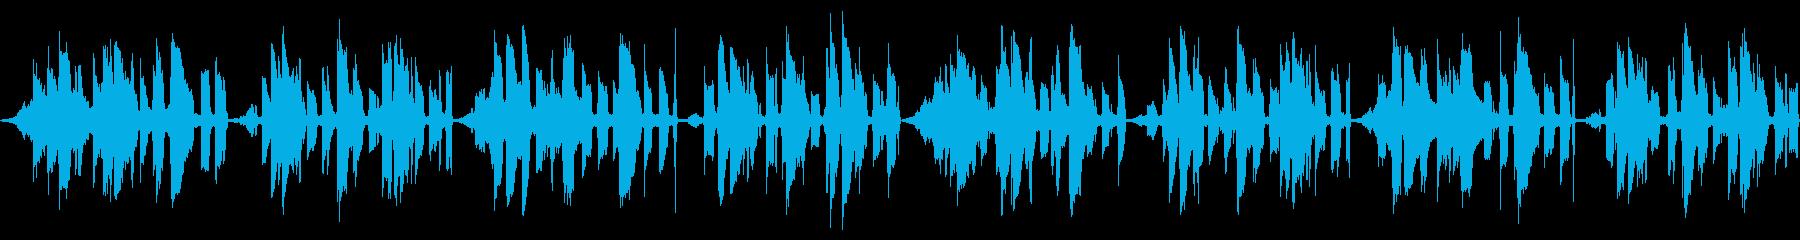 【キラキラしたポップス】の再生済みの波形